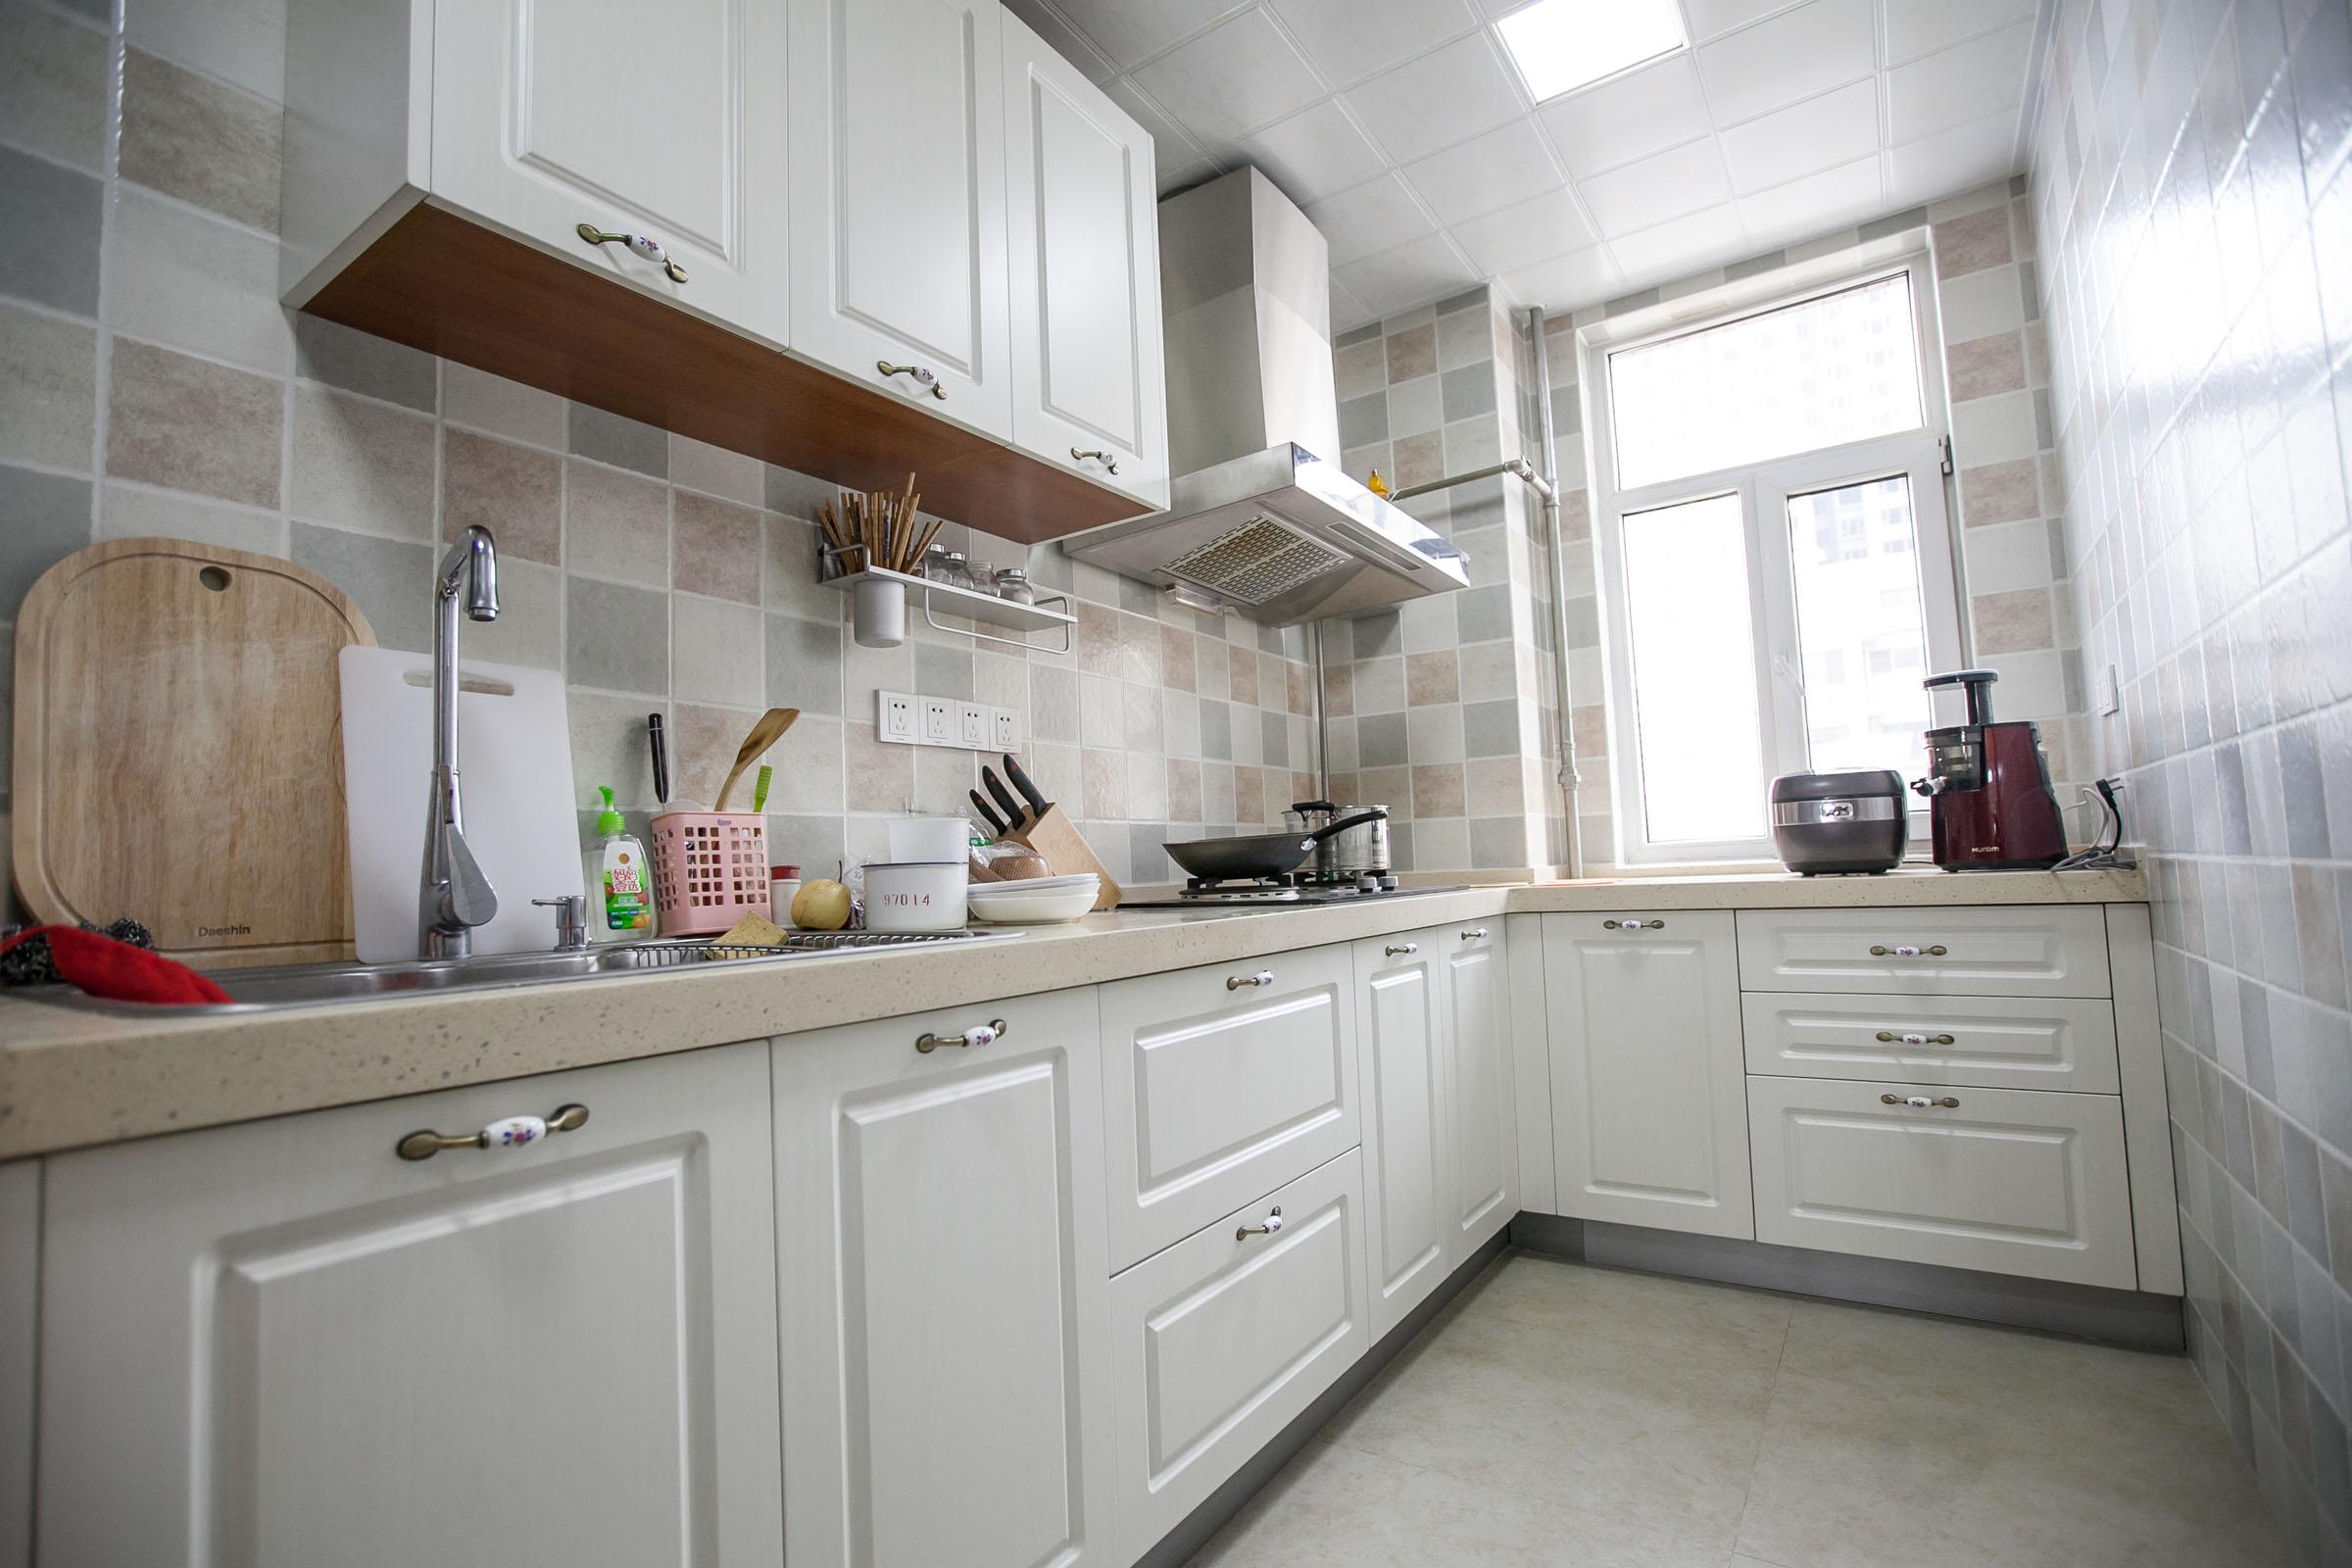 橱柜 厨房 家居 设计 装修 2400_1600